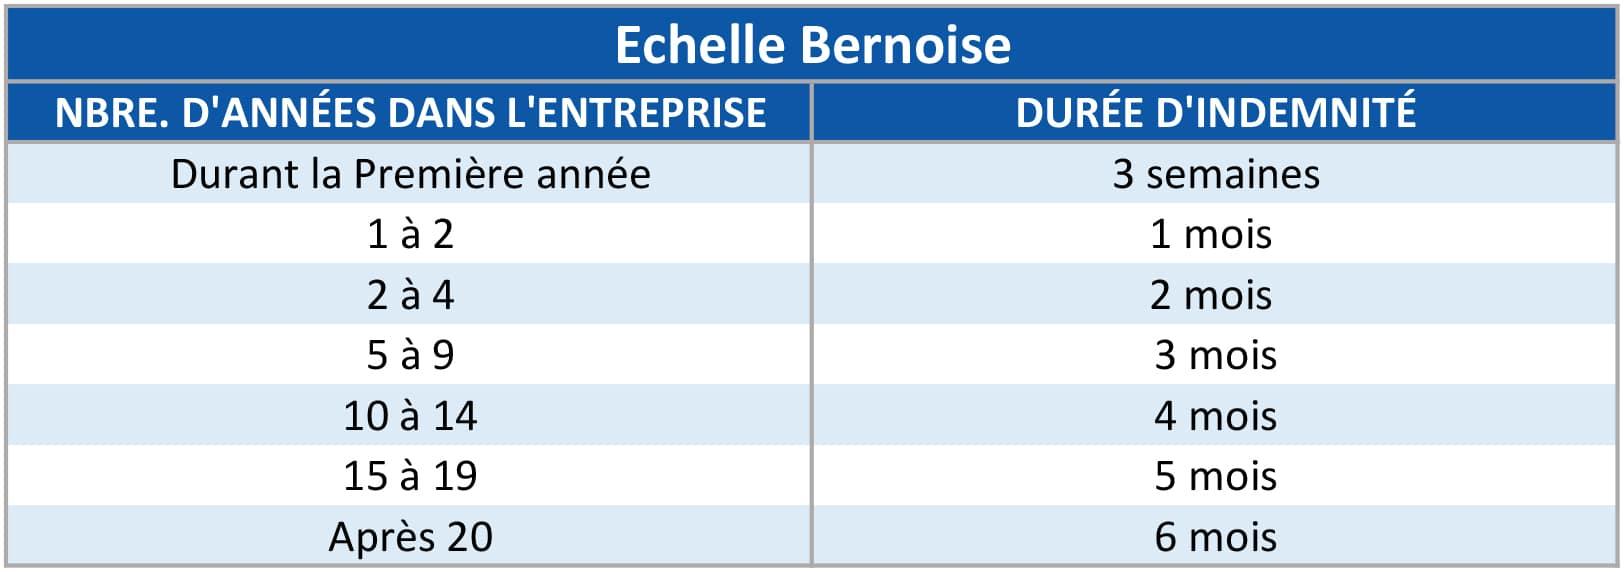 echelle-bernoise